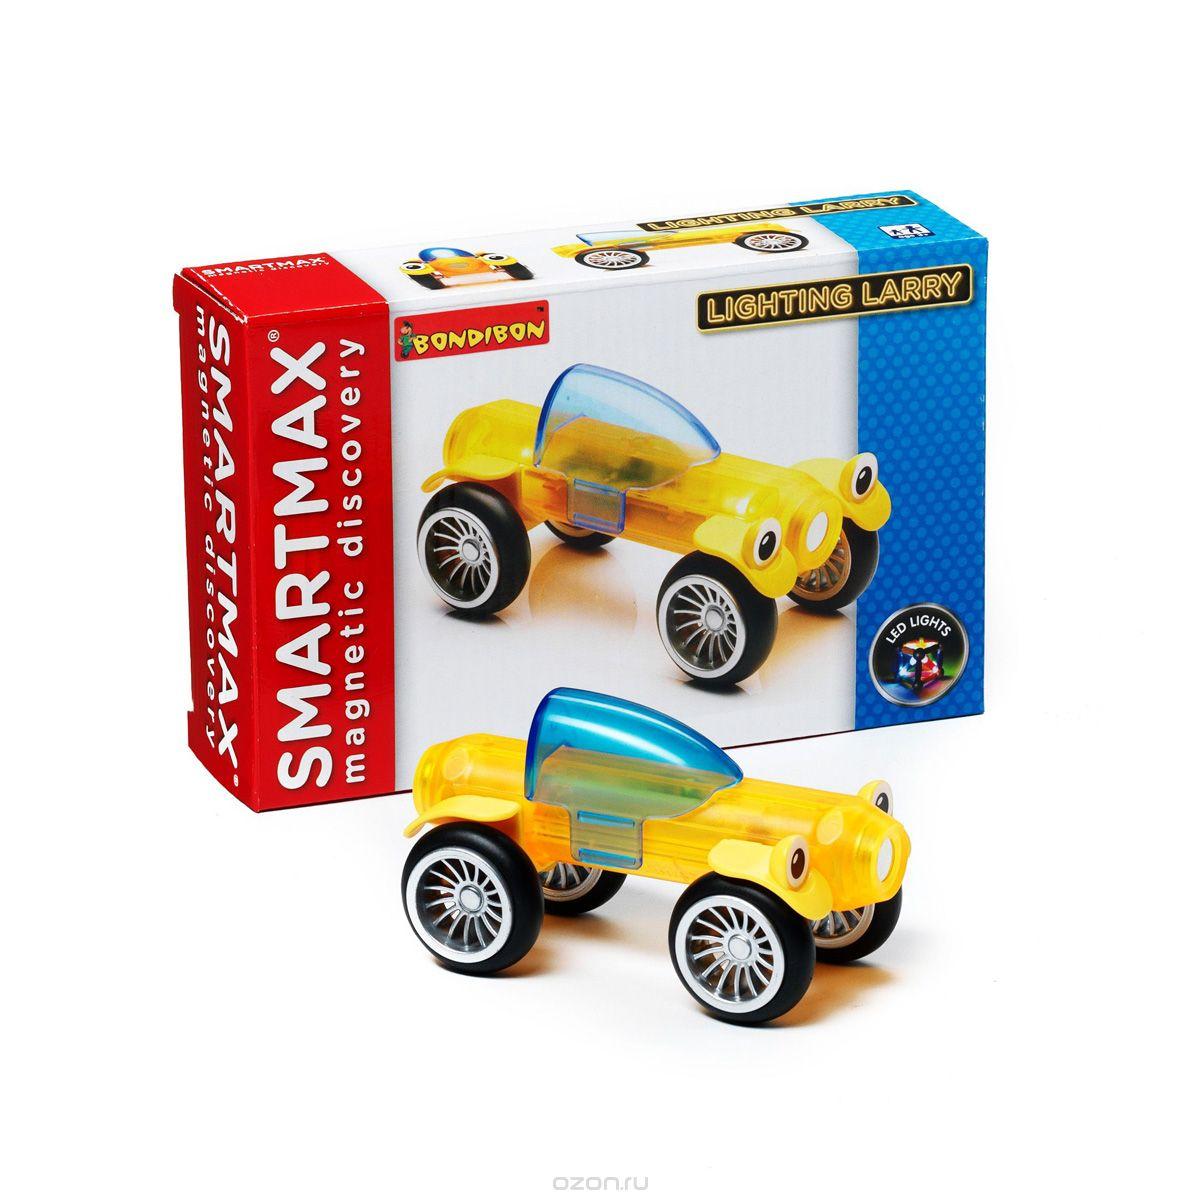 Bondibon Конструктор магнитный Smartmax Светящийся Ларри цвет желтый